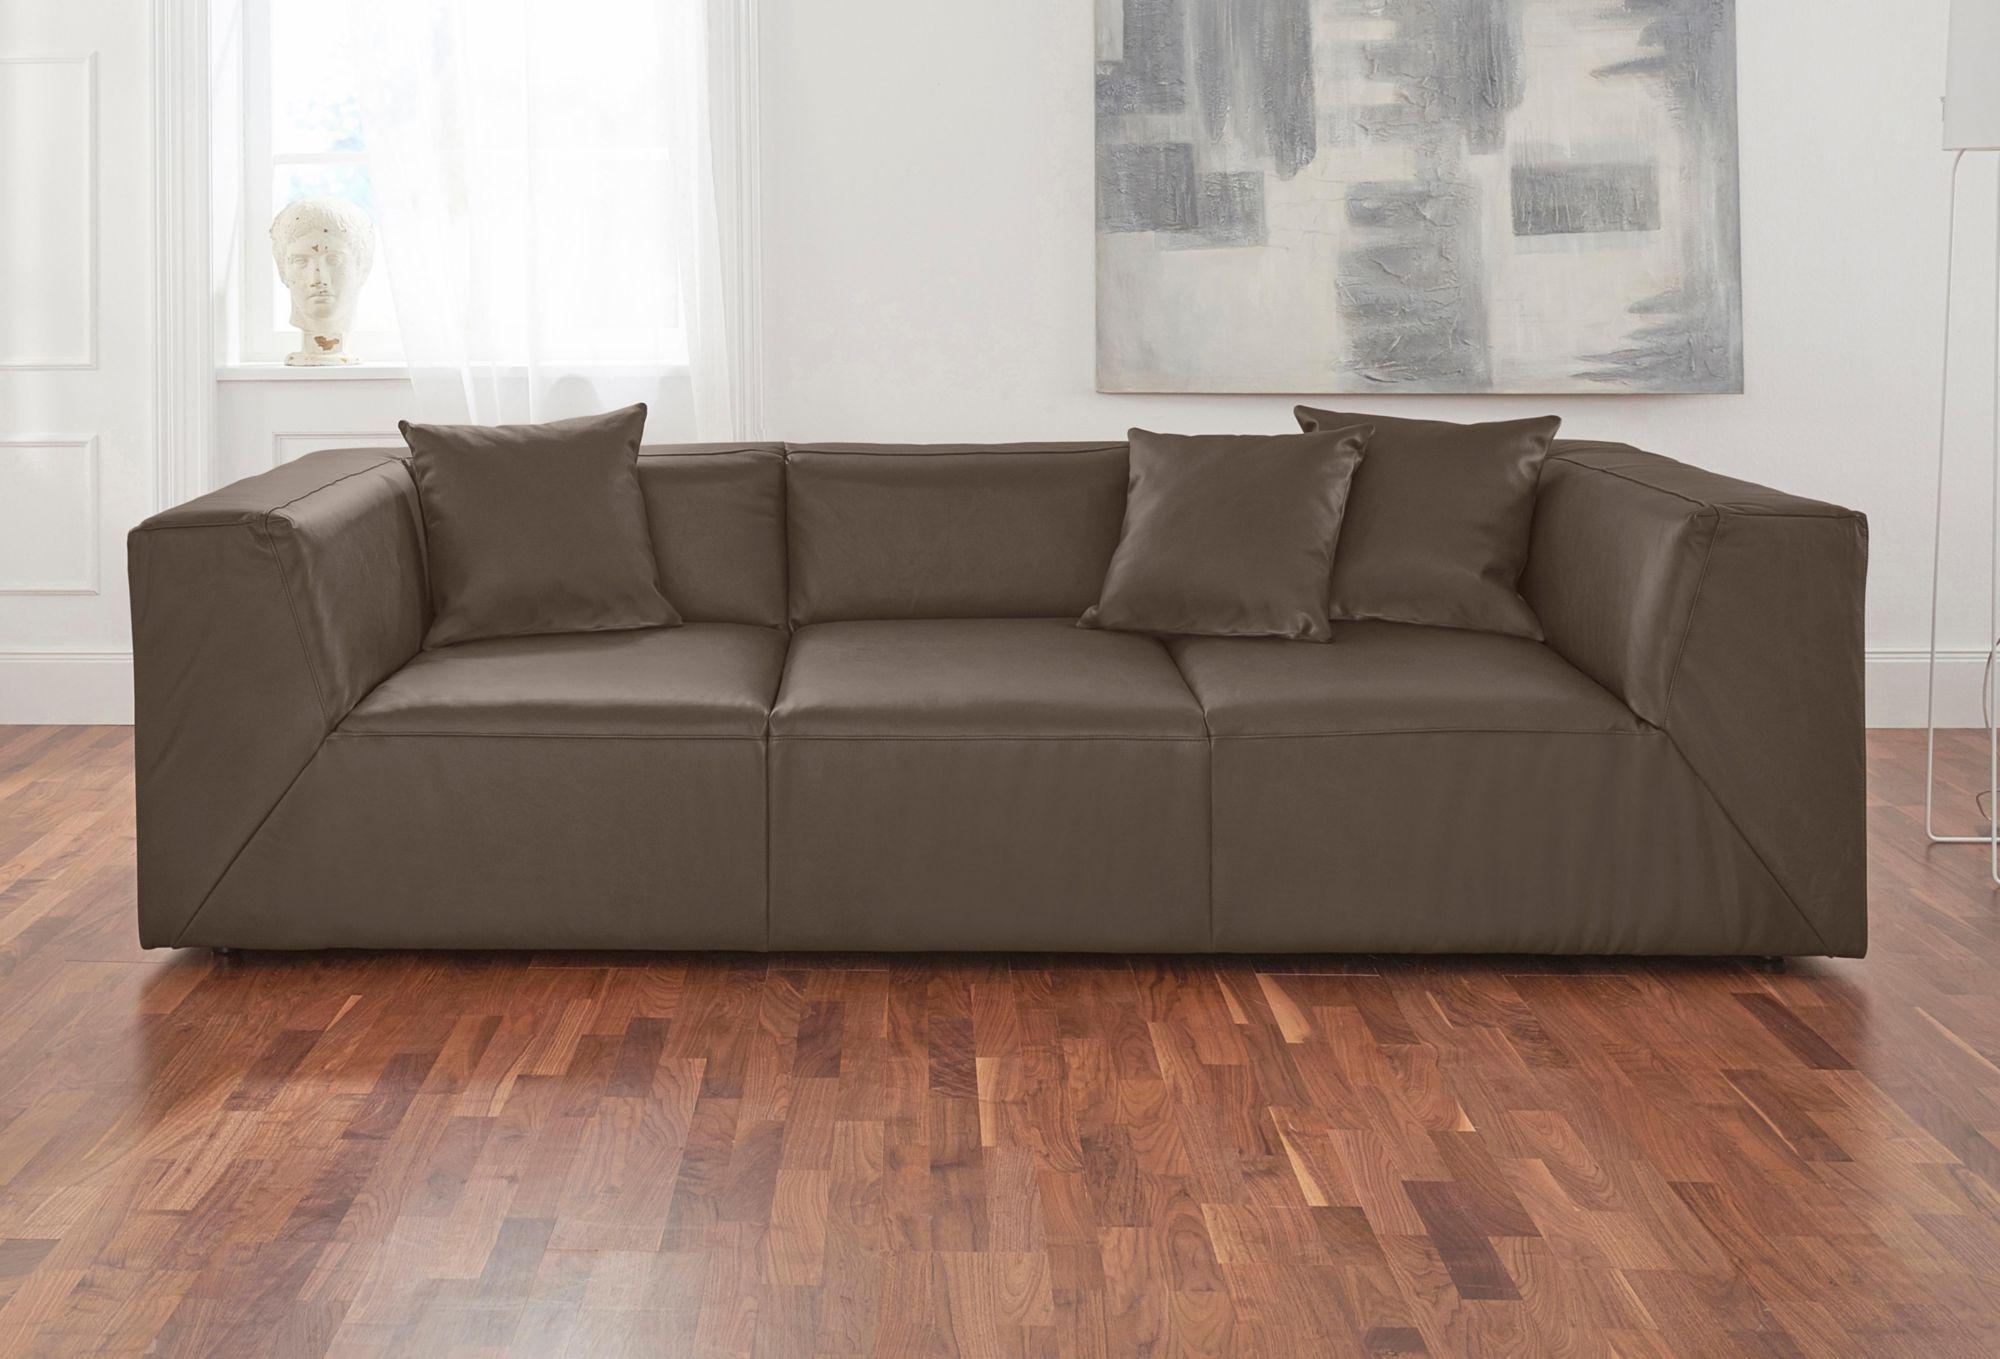 ALTE GERBEREI Alte Gerberei 3-Sitzer Bigsofa »Luis« inklusive Zierkissen